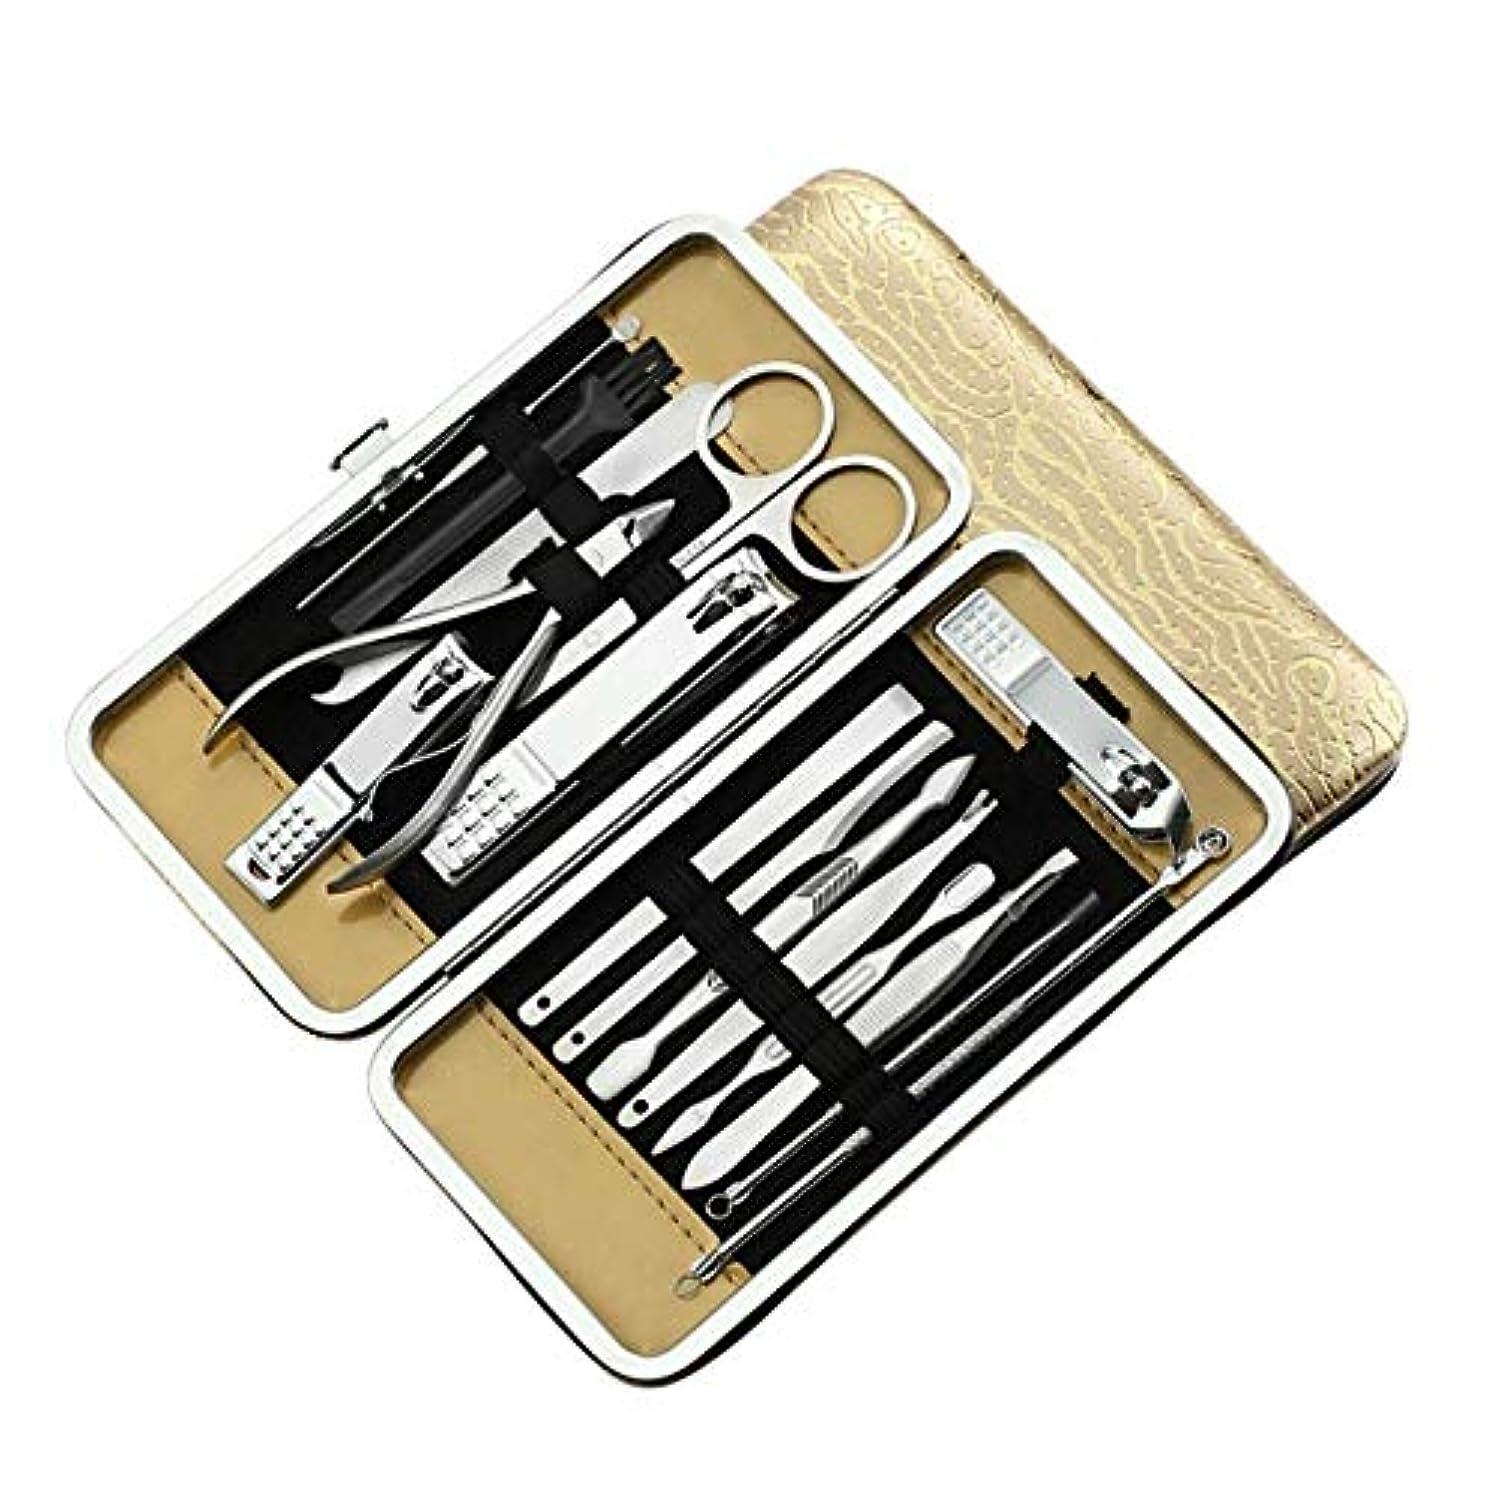 干渉スピリチュアルなぞらえるZGSH 家庭用爪切りペディキュアセット16個、マニキュア美容ツール、ステンレス鋼、シャープで耐久性 (Color : Silver)